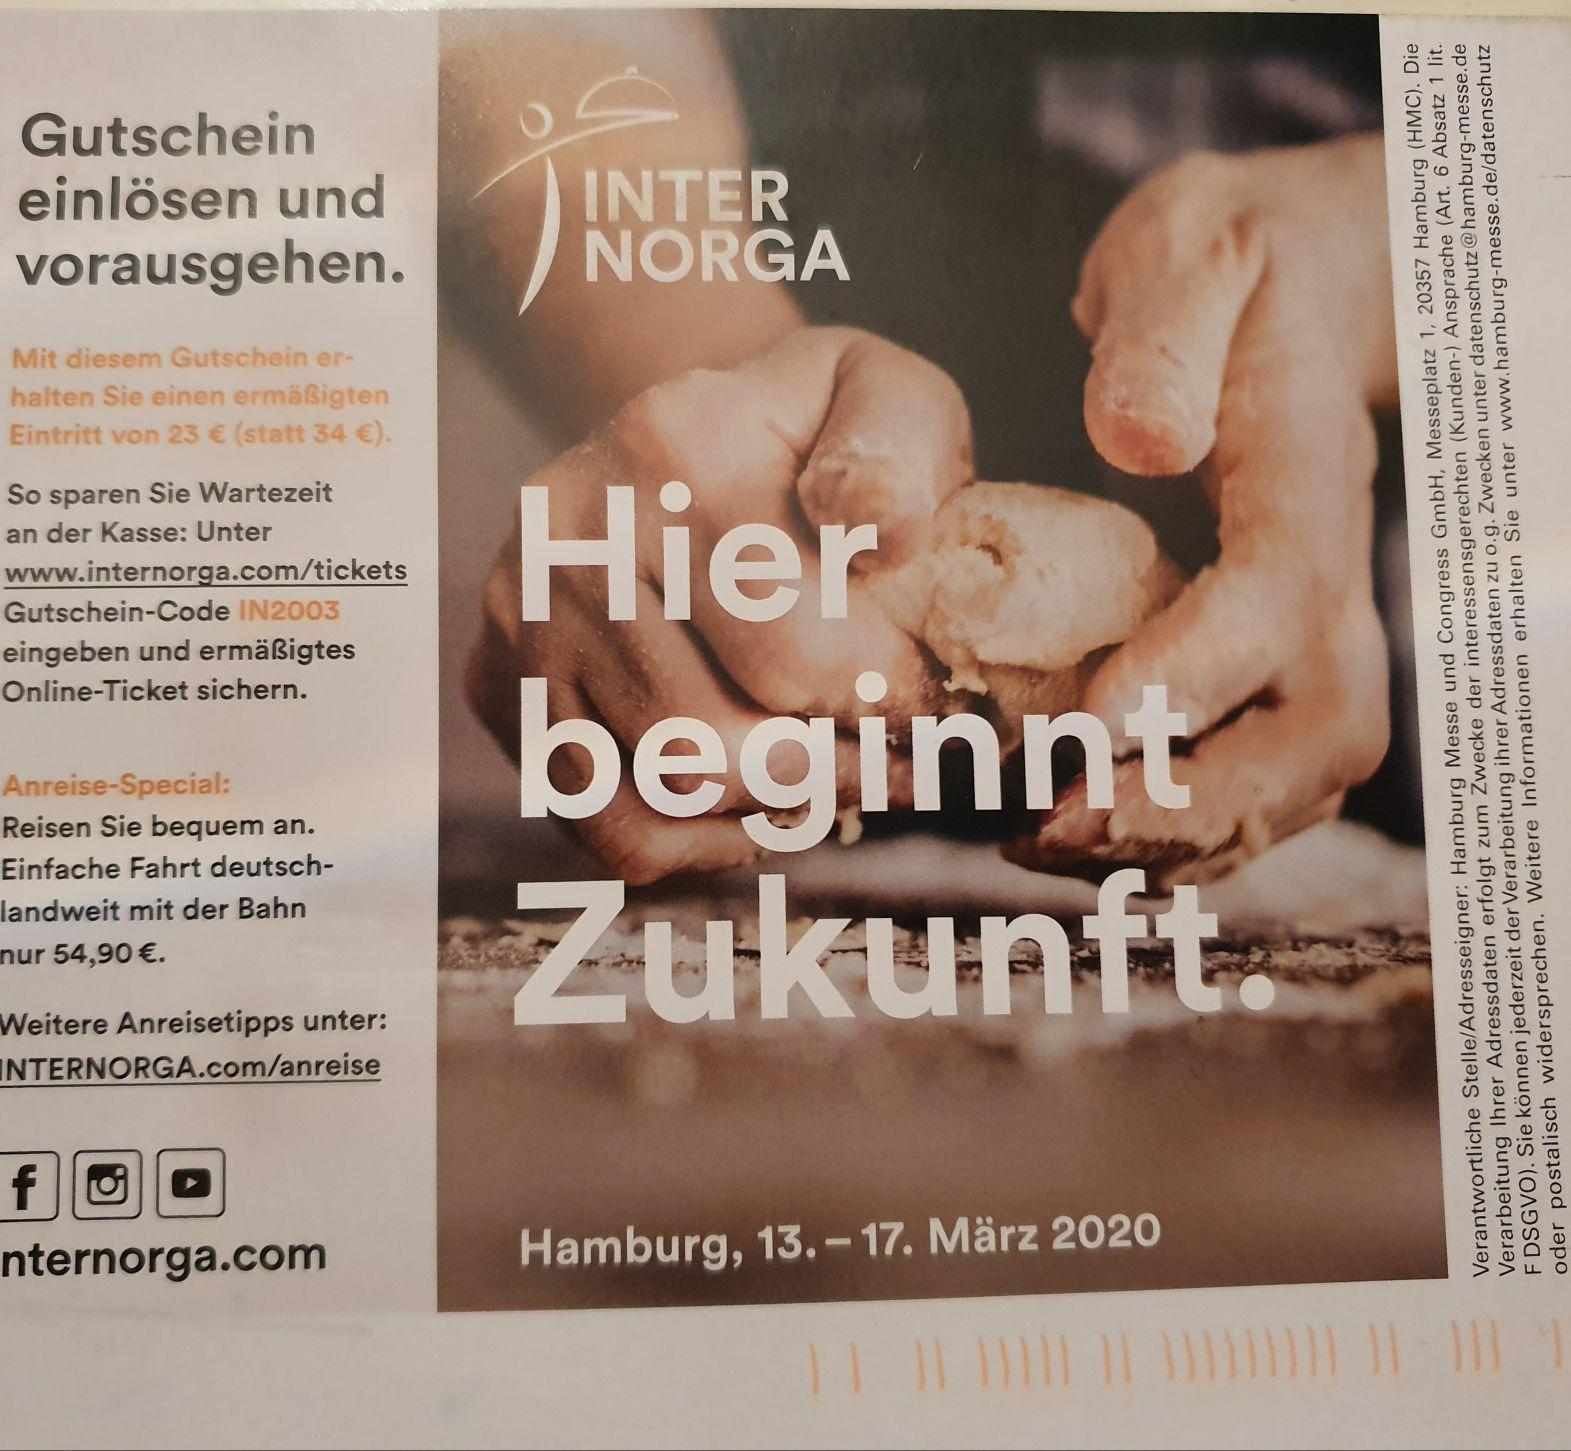 Internorga Gastronomie Messe in Hamburg, 13. - 17. März